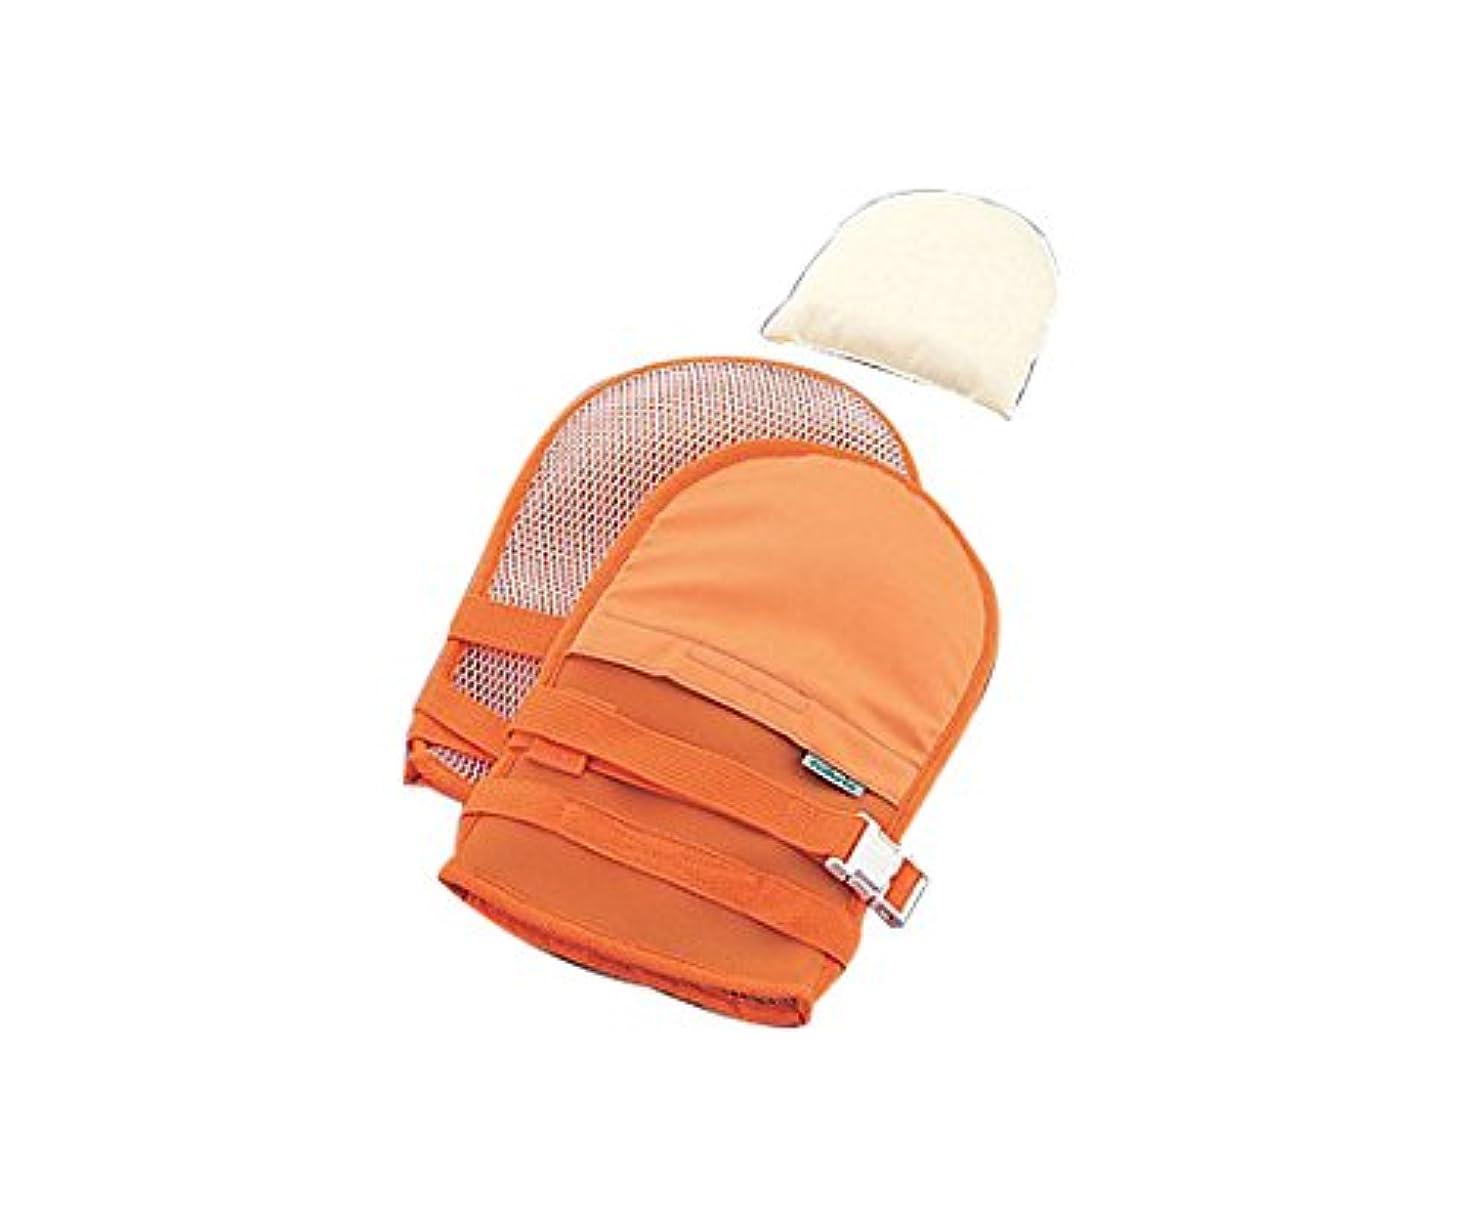 摩擦ほとんどないウイルスナビス(アズワン)0-1638-41抜管防止手袋大メッシュオレンジ